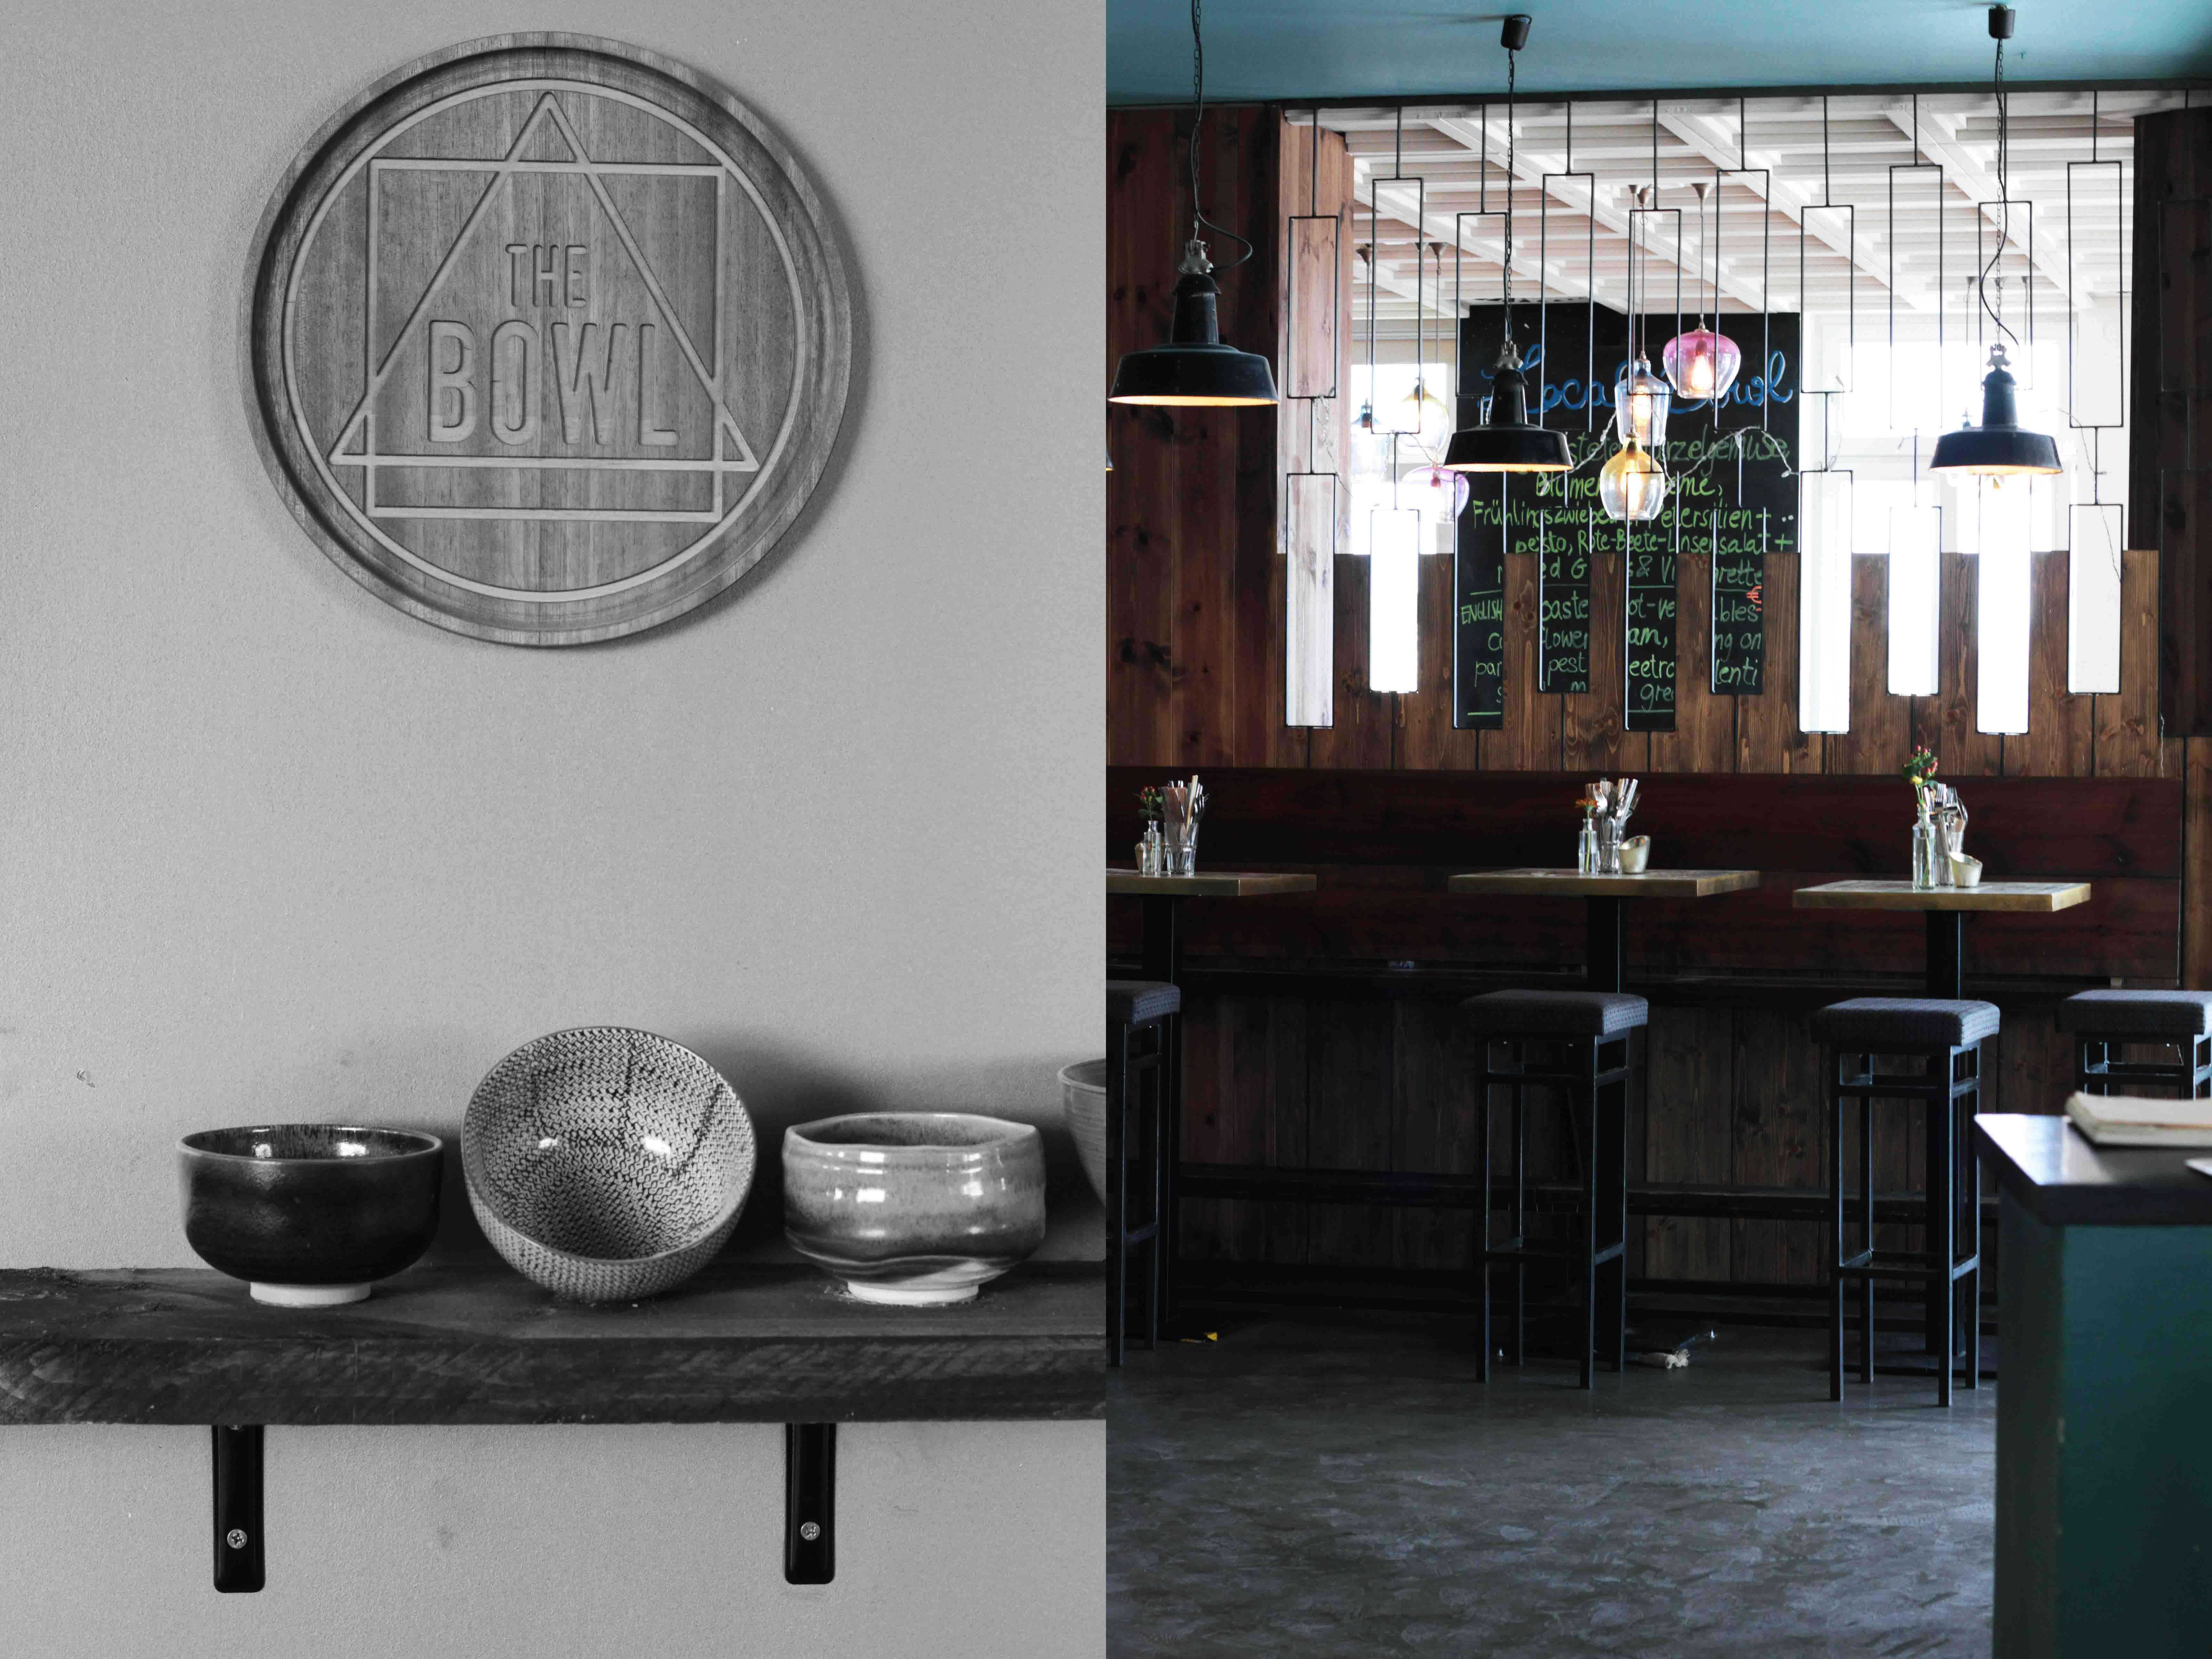 the bowl vegetarian vegan berlin collage